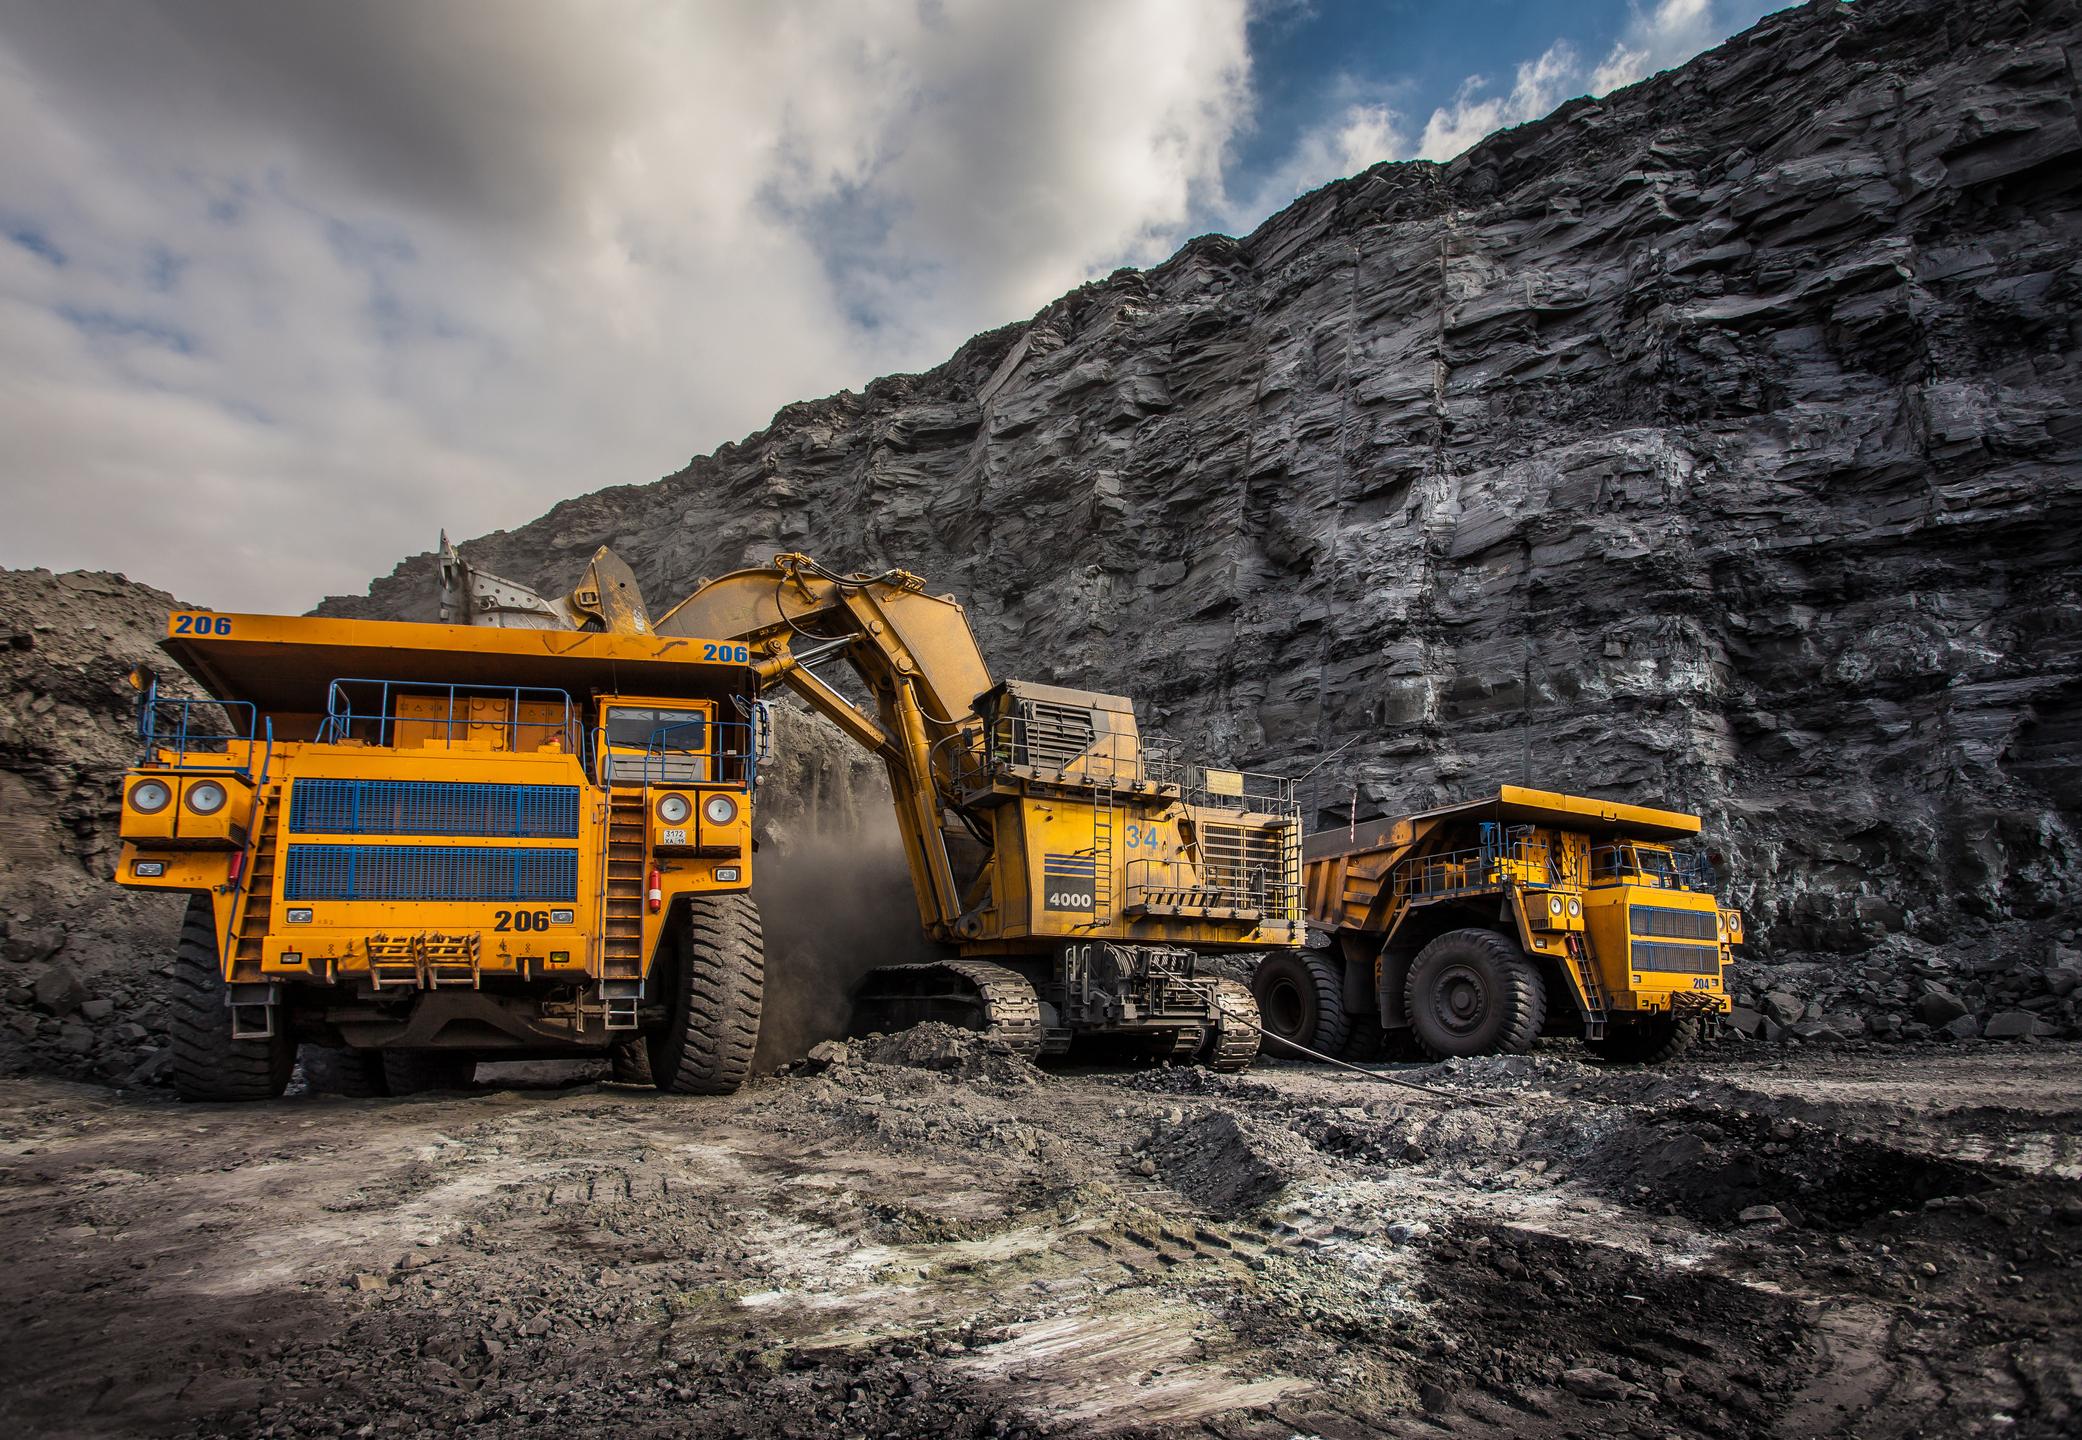 Mining trucks.